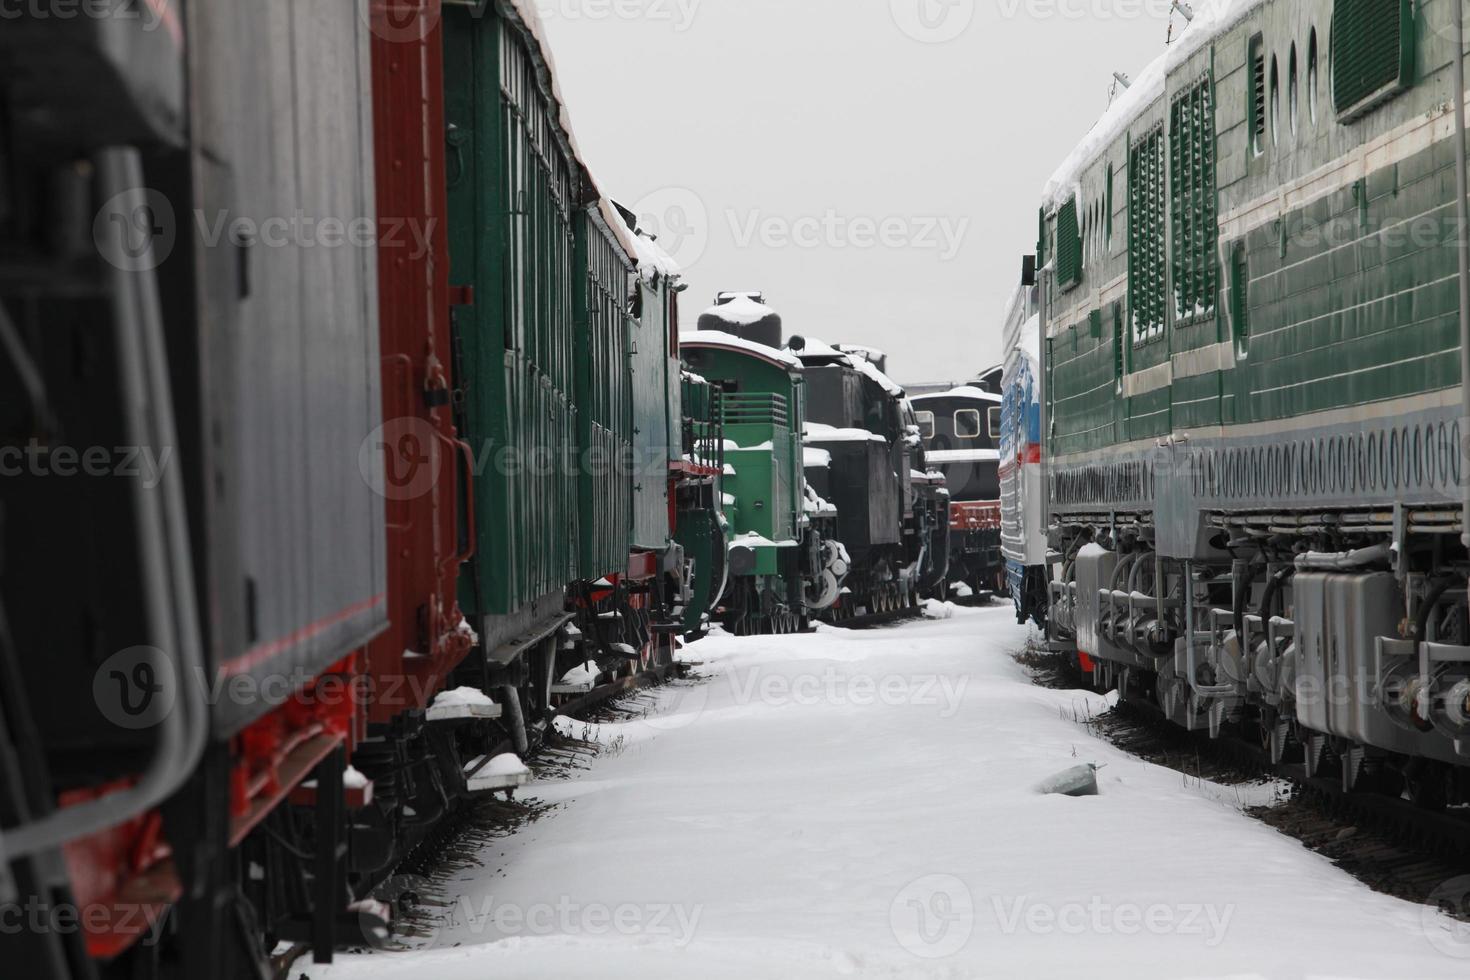 järnvägsstation på vintern foto